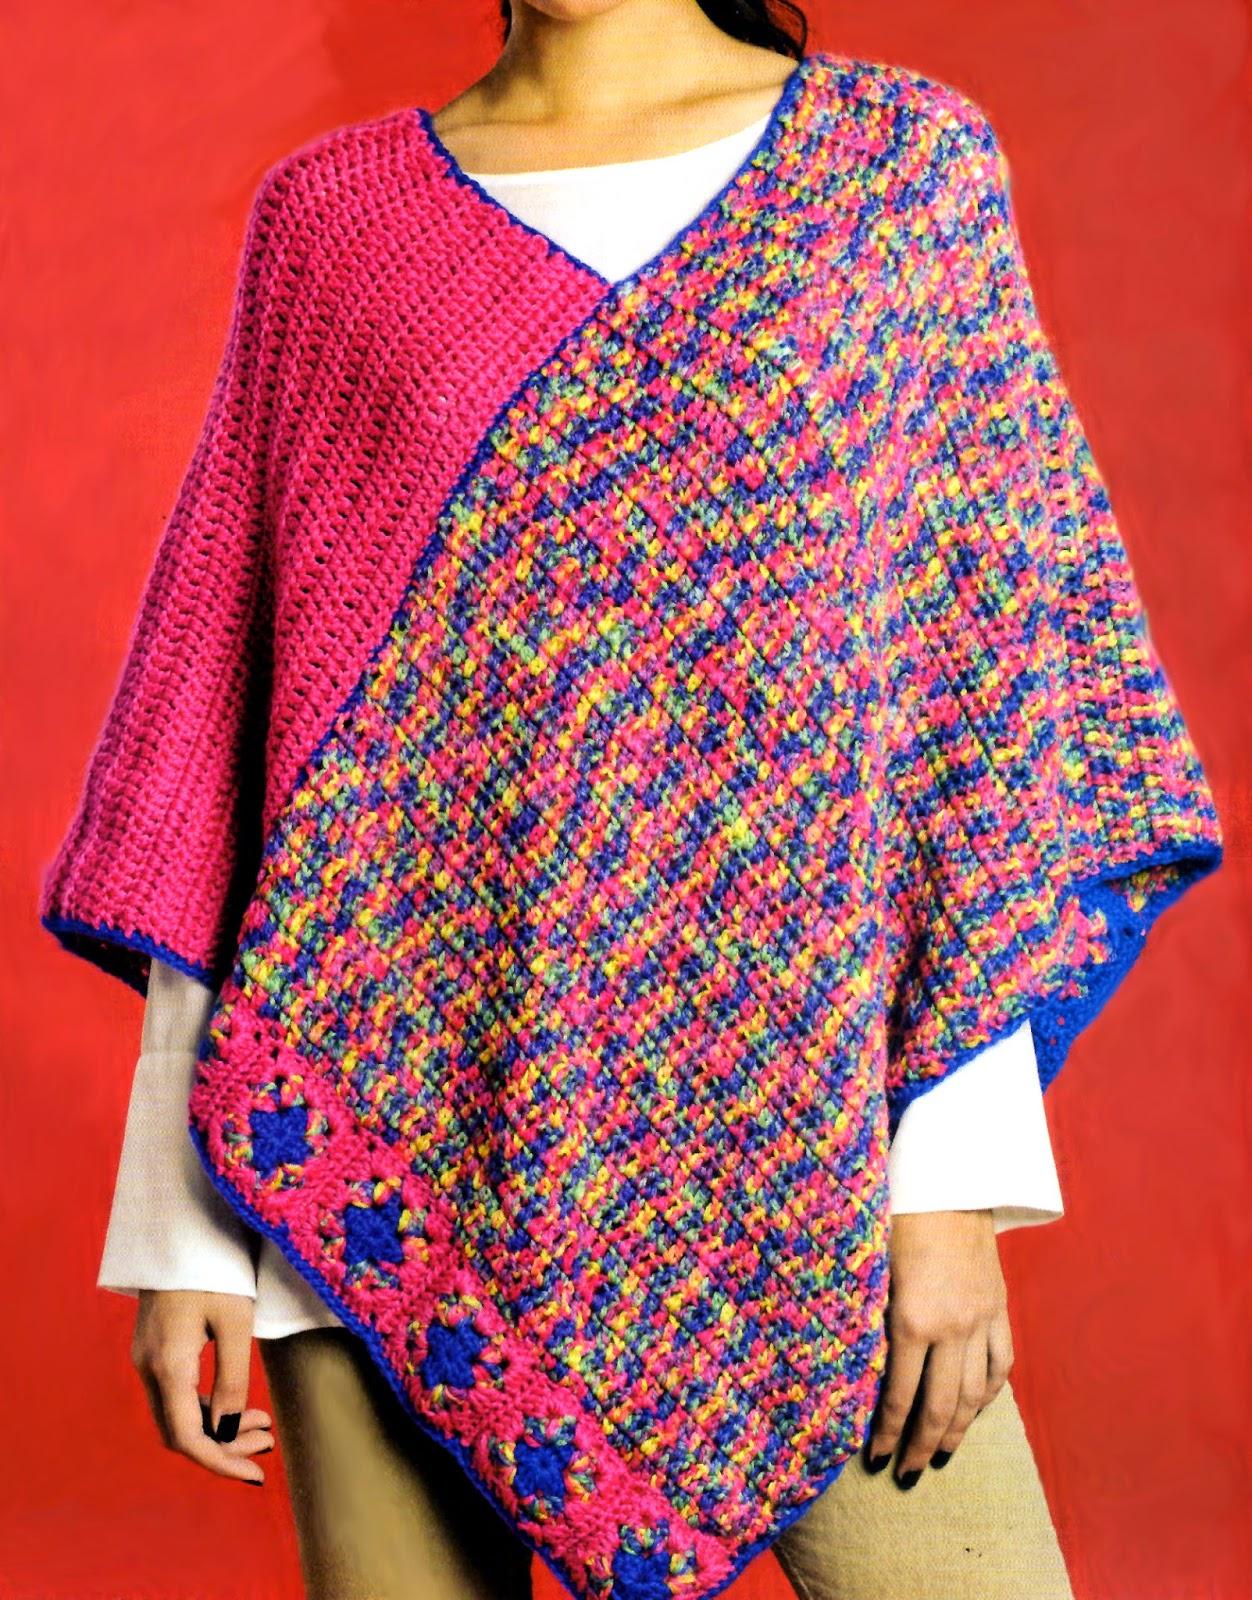 Tejidos Artesanales En Crochet Poncho Tejido En Crochet